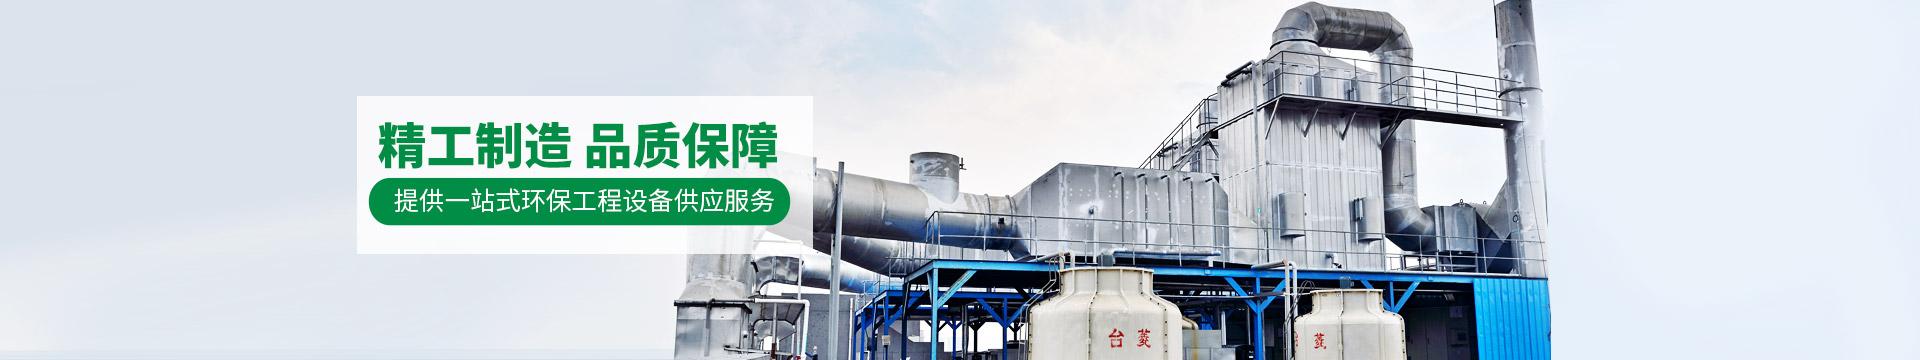 淼森环保提供一站式环保工程设备供应服务